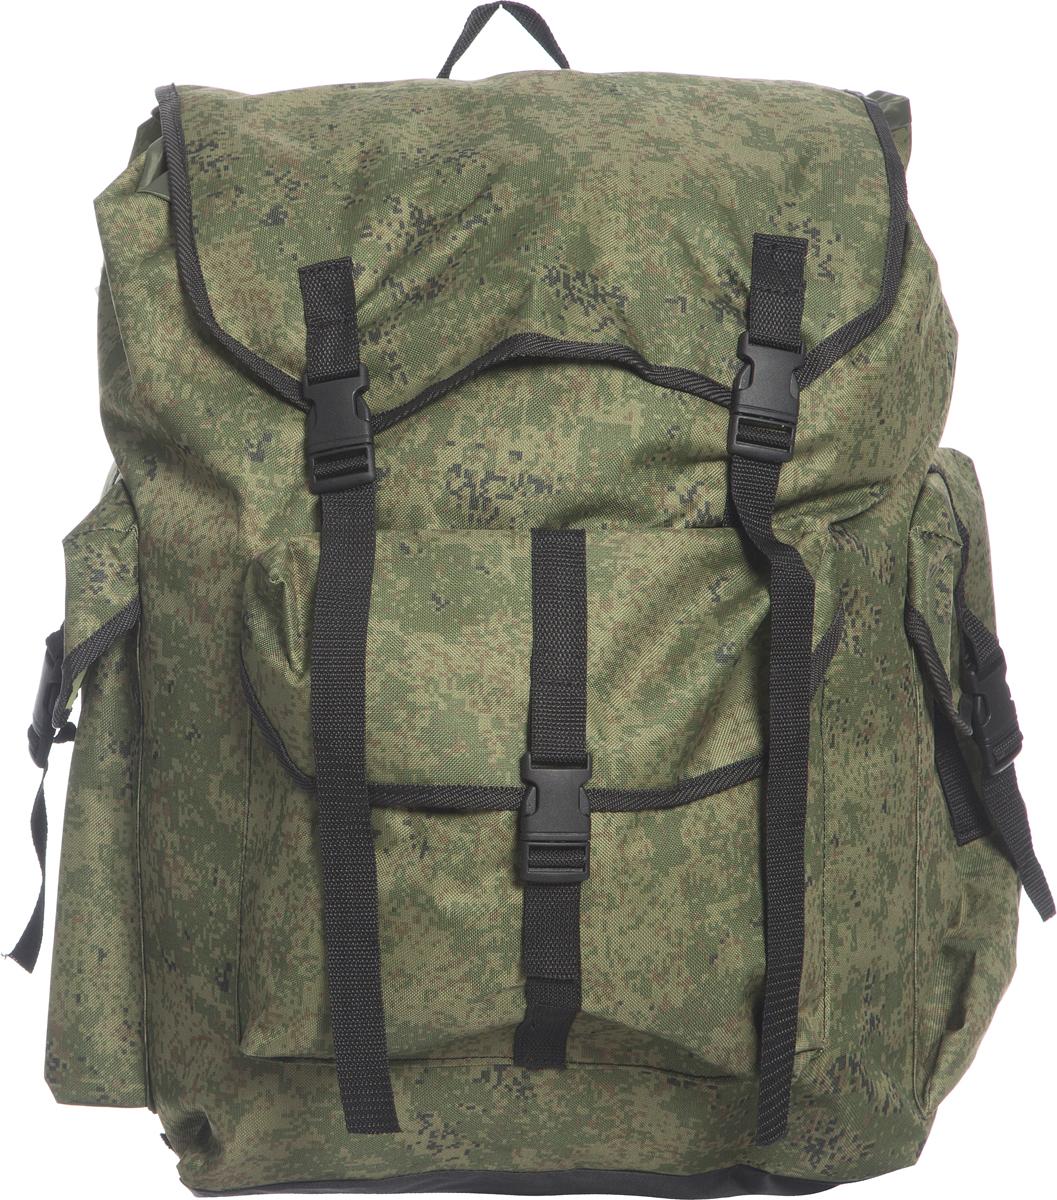 рюкзак турист картинка саблю